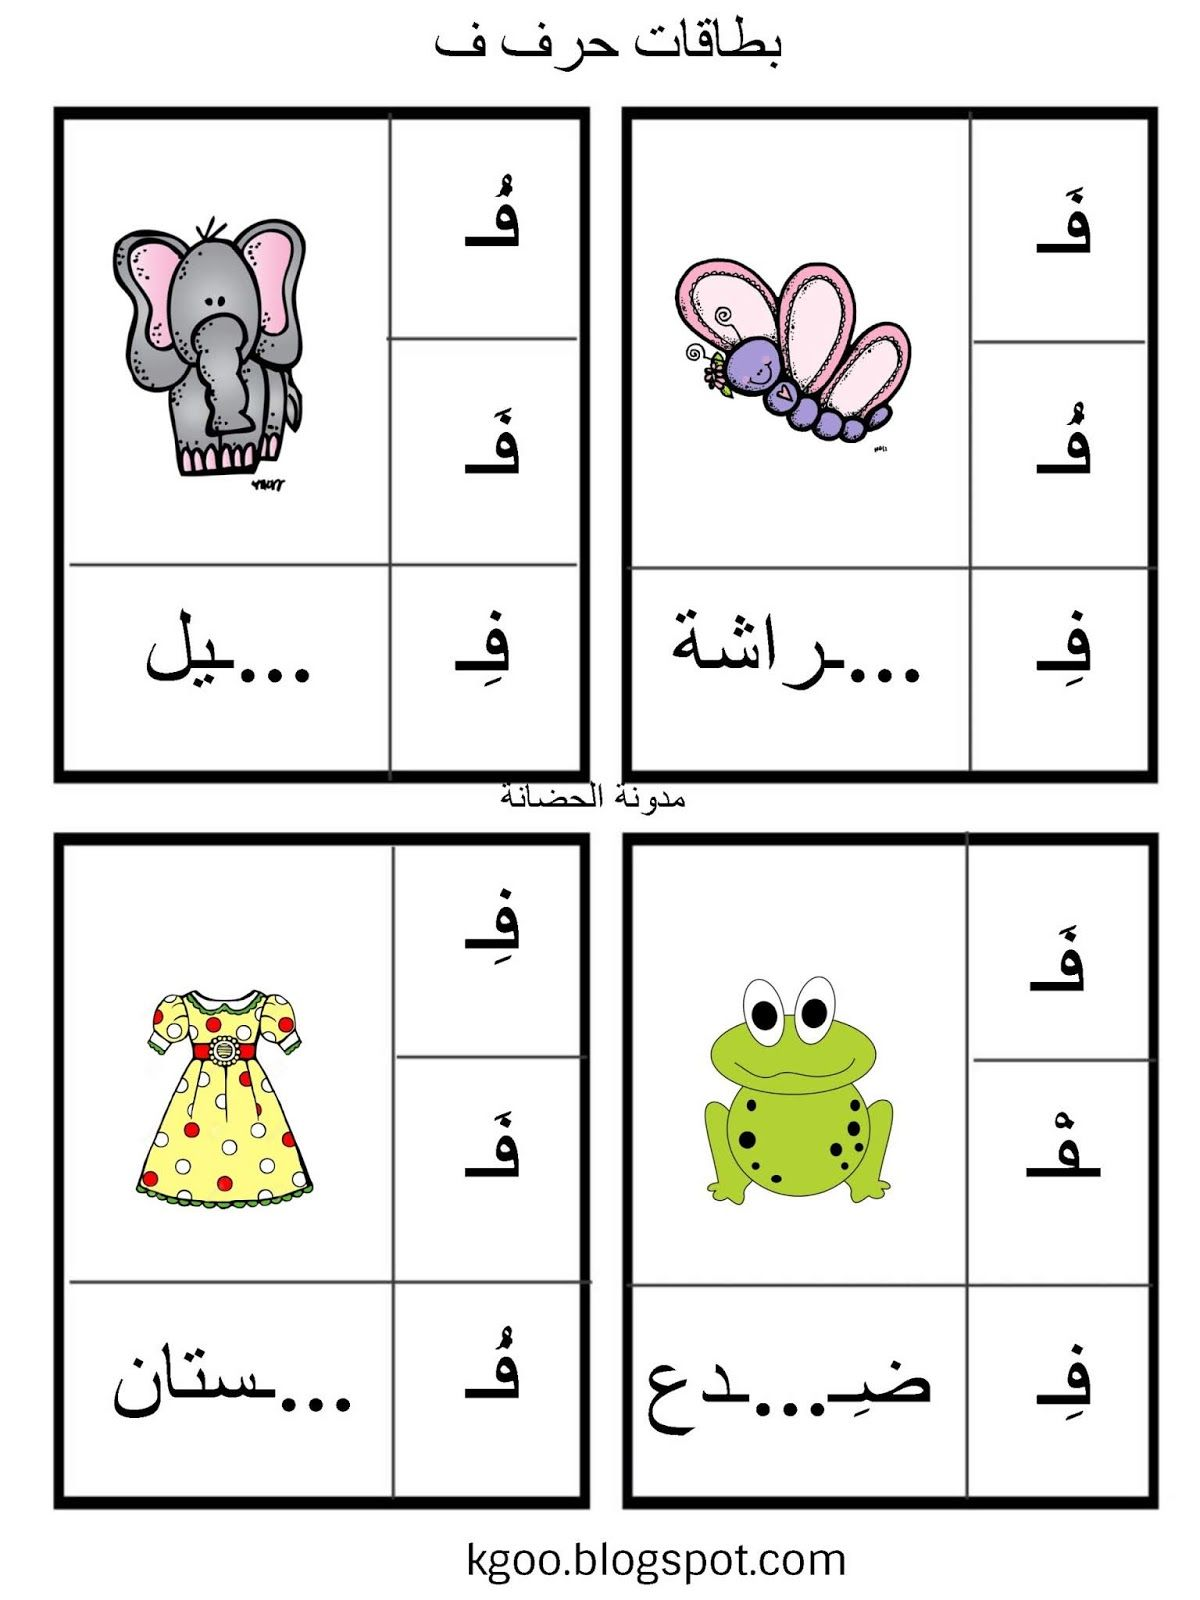 تحضير حرف الفاء للصف الاول الابتدائى ورقة عمل حرف الفاء Pdf Learn Arabic Alphabet Arabic Alphabet Letters Arabic Alphabet Pdf